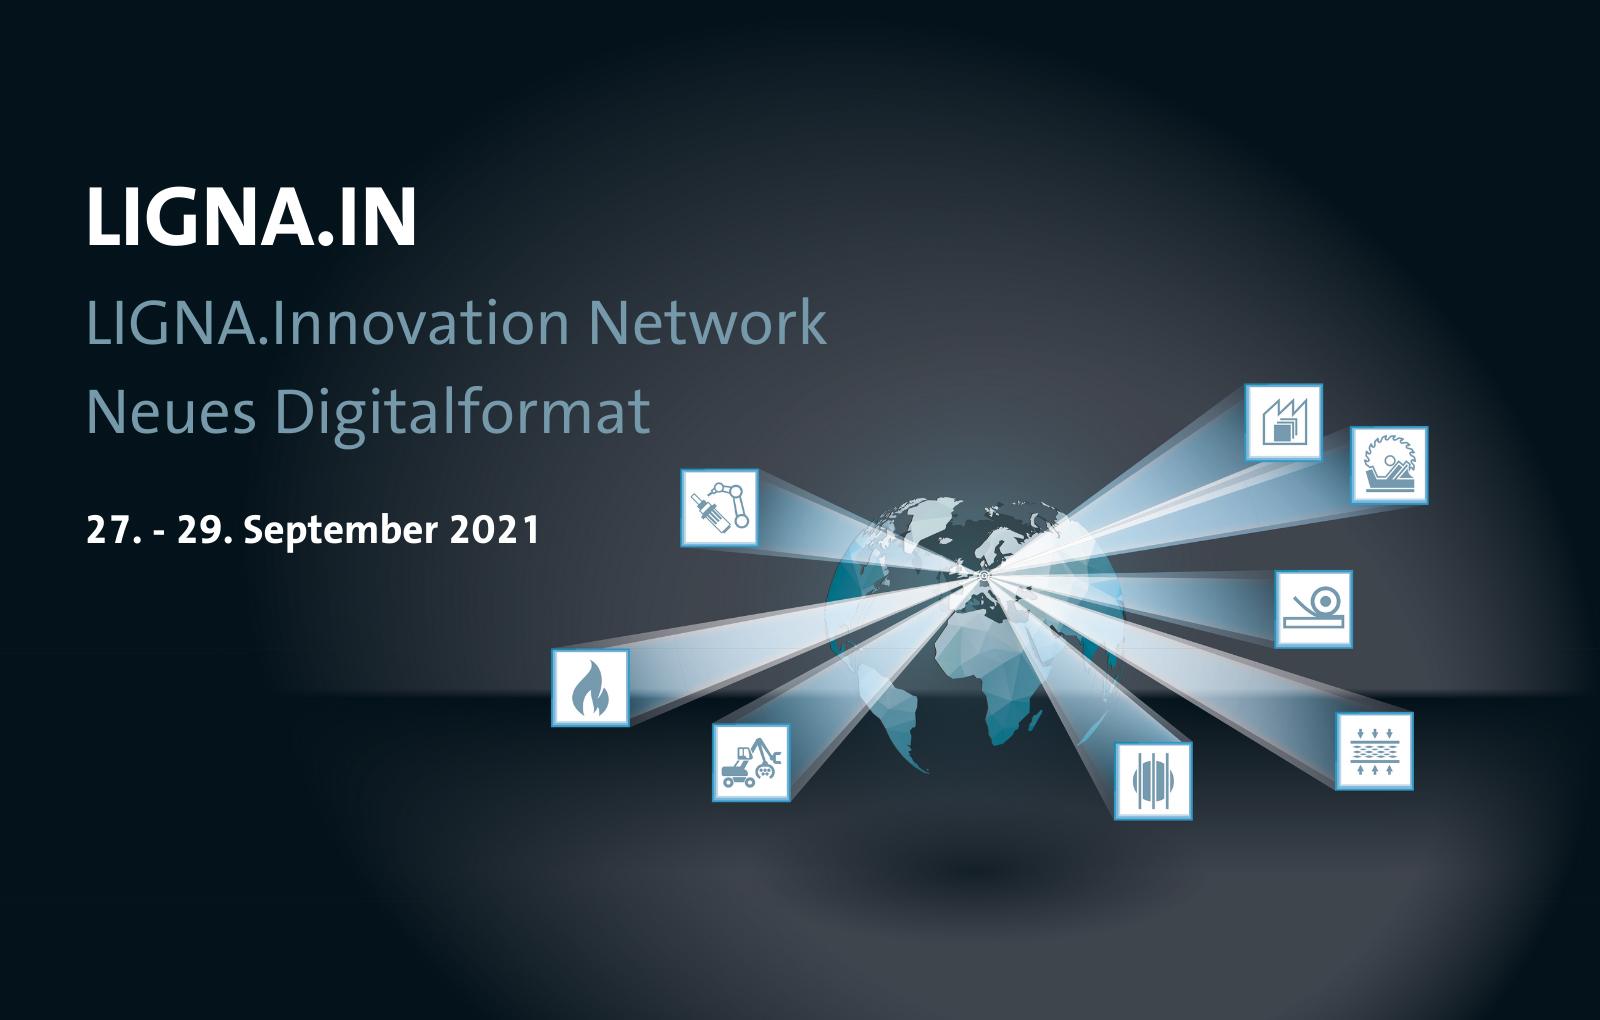 Ligna Innovation Network: Drei Tage virtuelles Branchentreffen